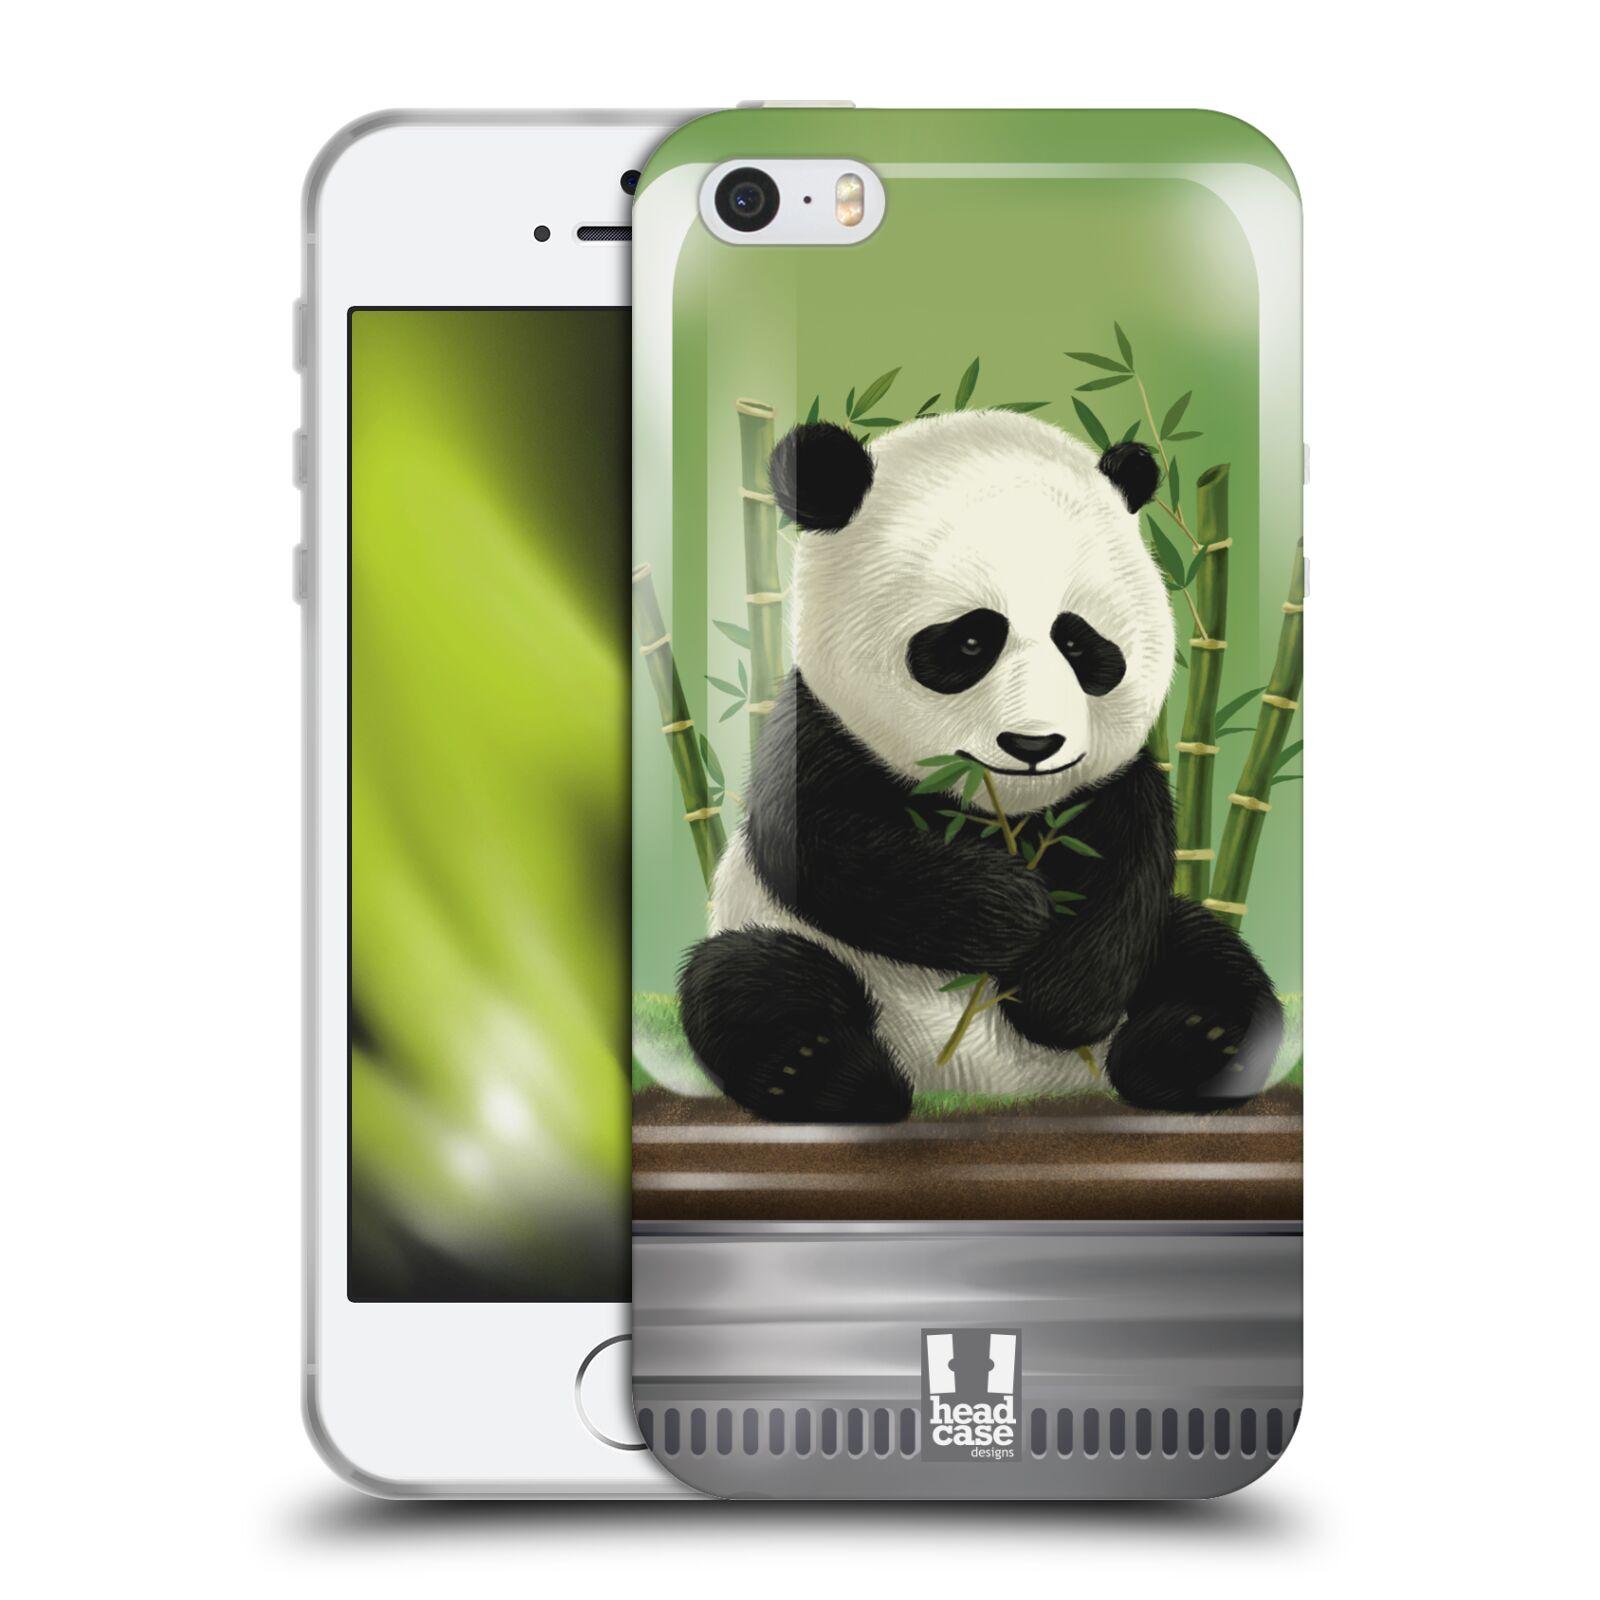 HEAD CASE silikonový obal na mobil Apple Iphone 5/5S vzor Zvířátka v těžítku panda